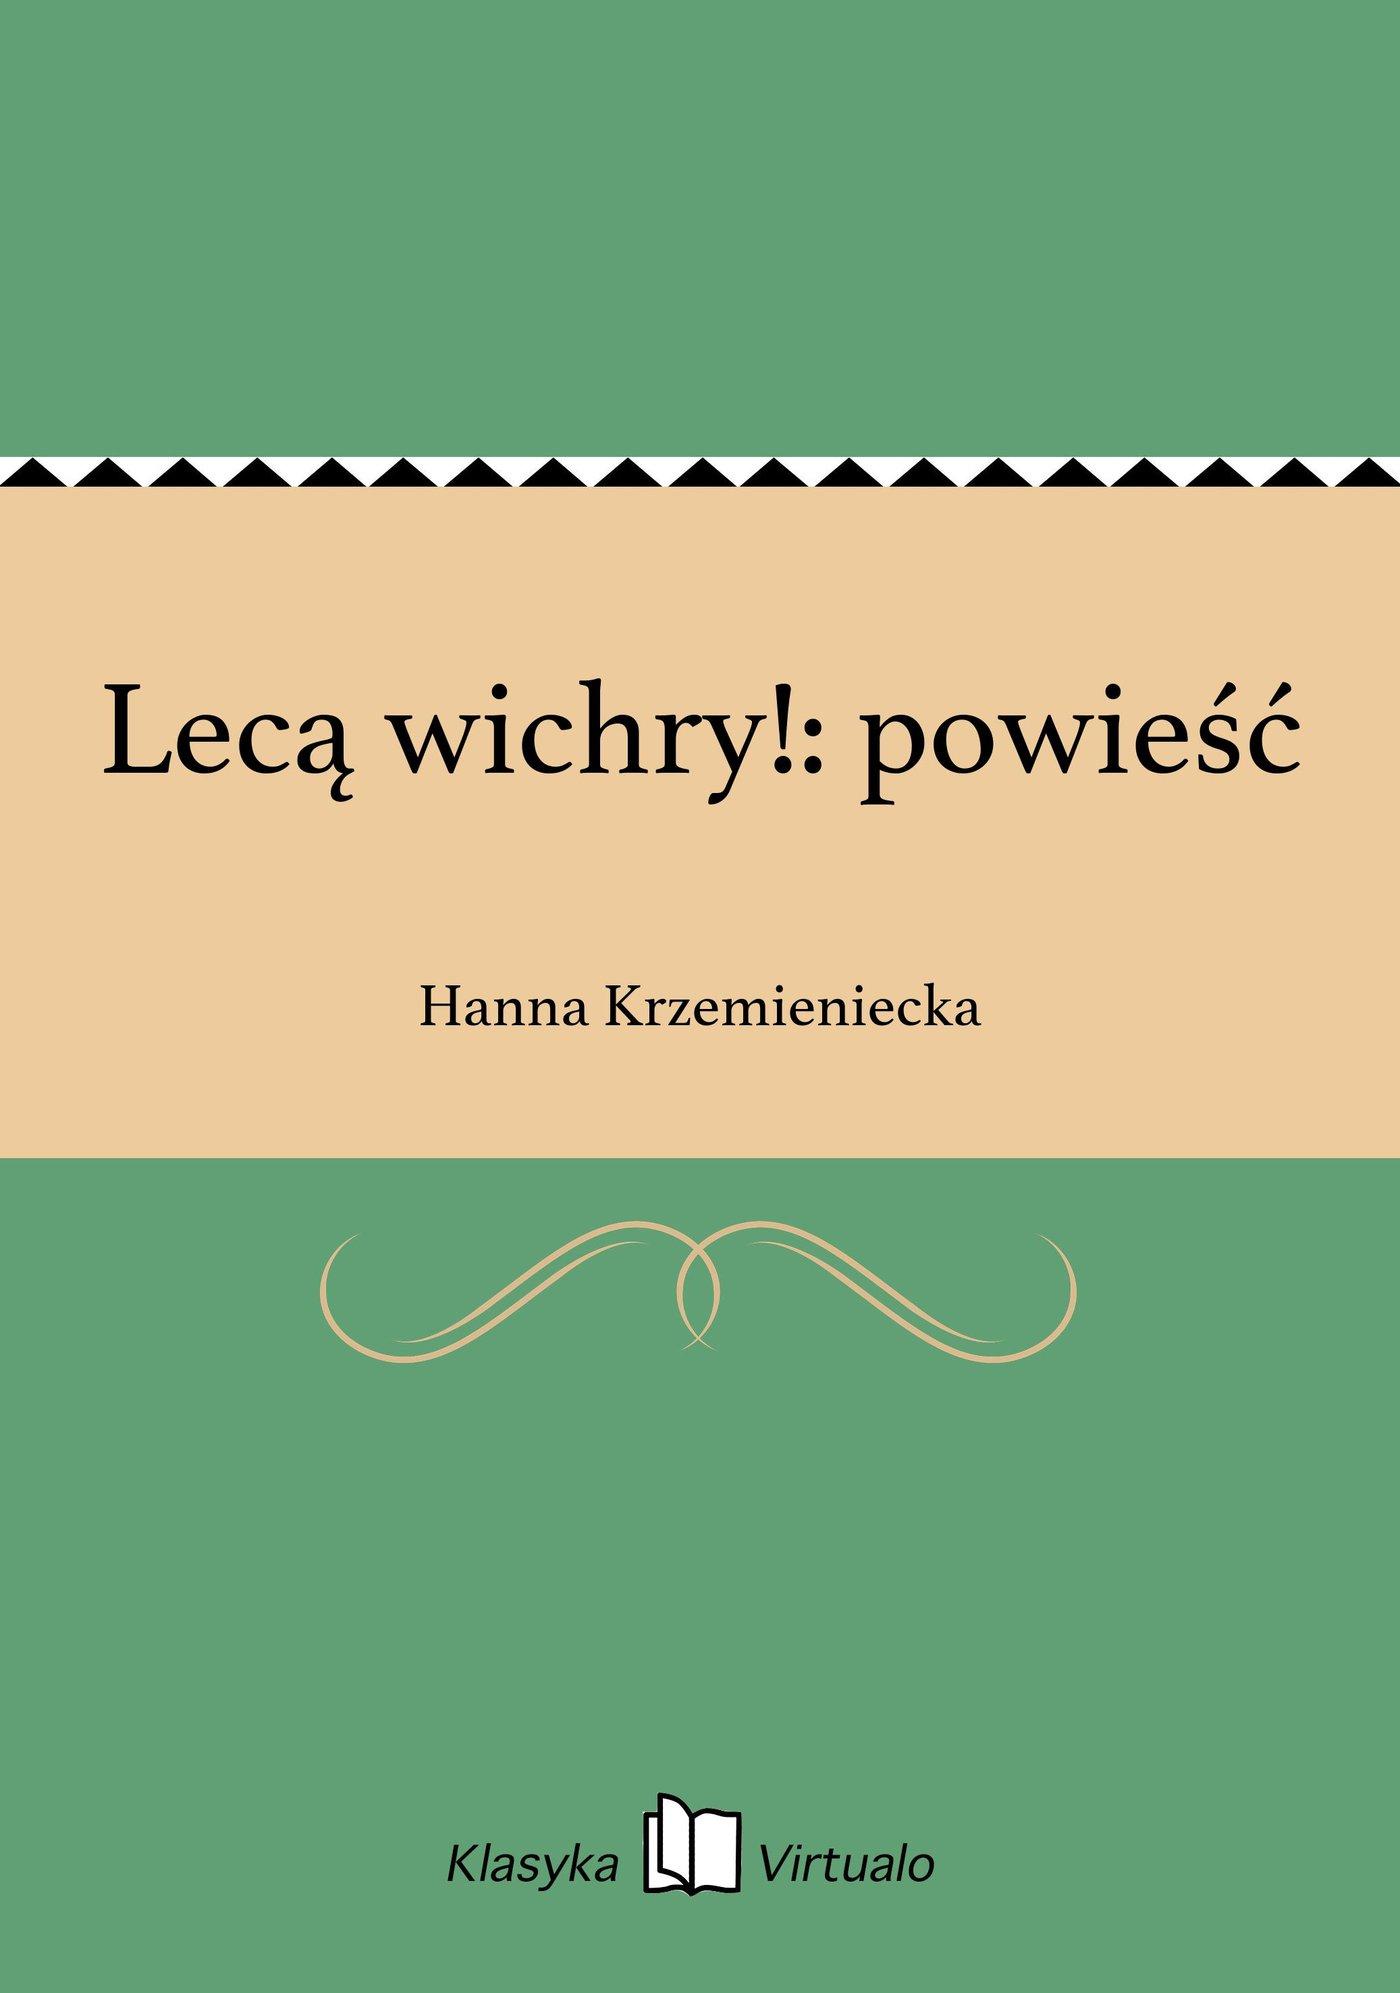 Lecą wichry!: powieść - Ebook (Książka na Kindle) do pobrania w formacie MOBI